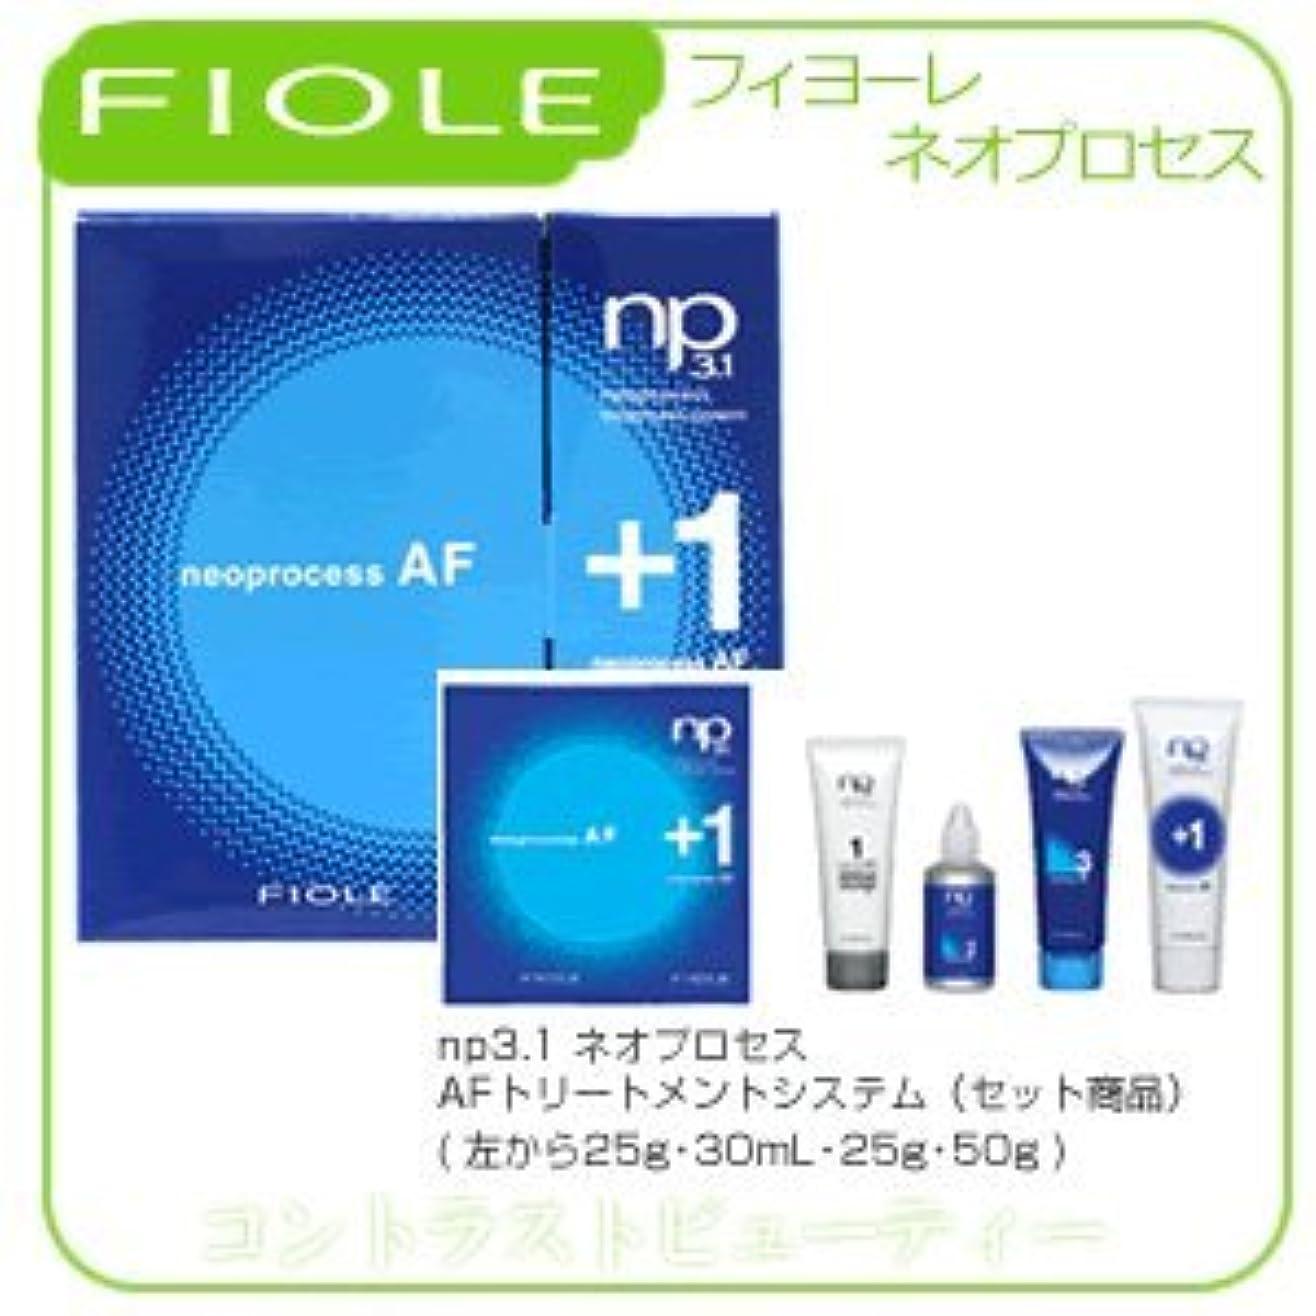 例遠え限定フィヨーレ NP3.1 ネオプロセス AF トリートメントシステム FIOLE ネオプロセス